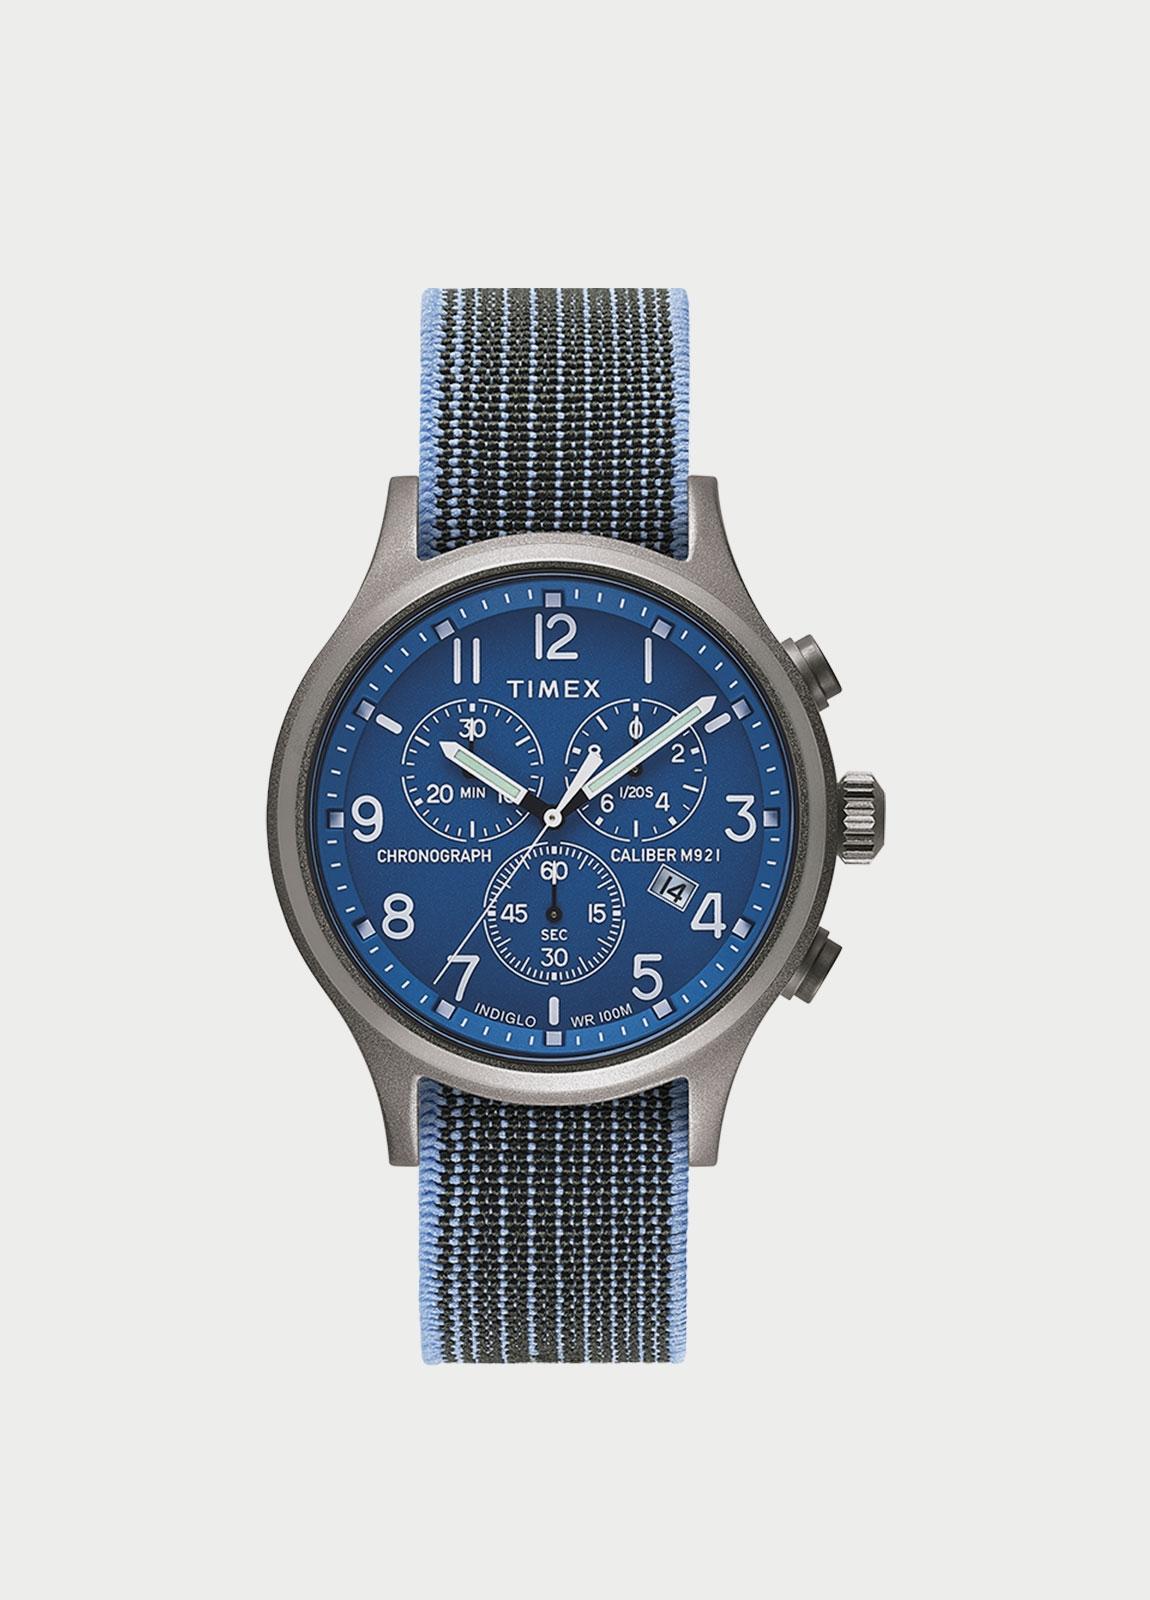 Caja Reloj Timex azul. (La correa se vende por separado).